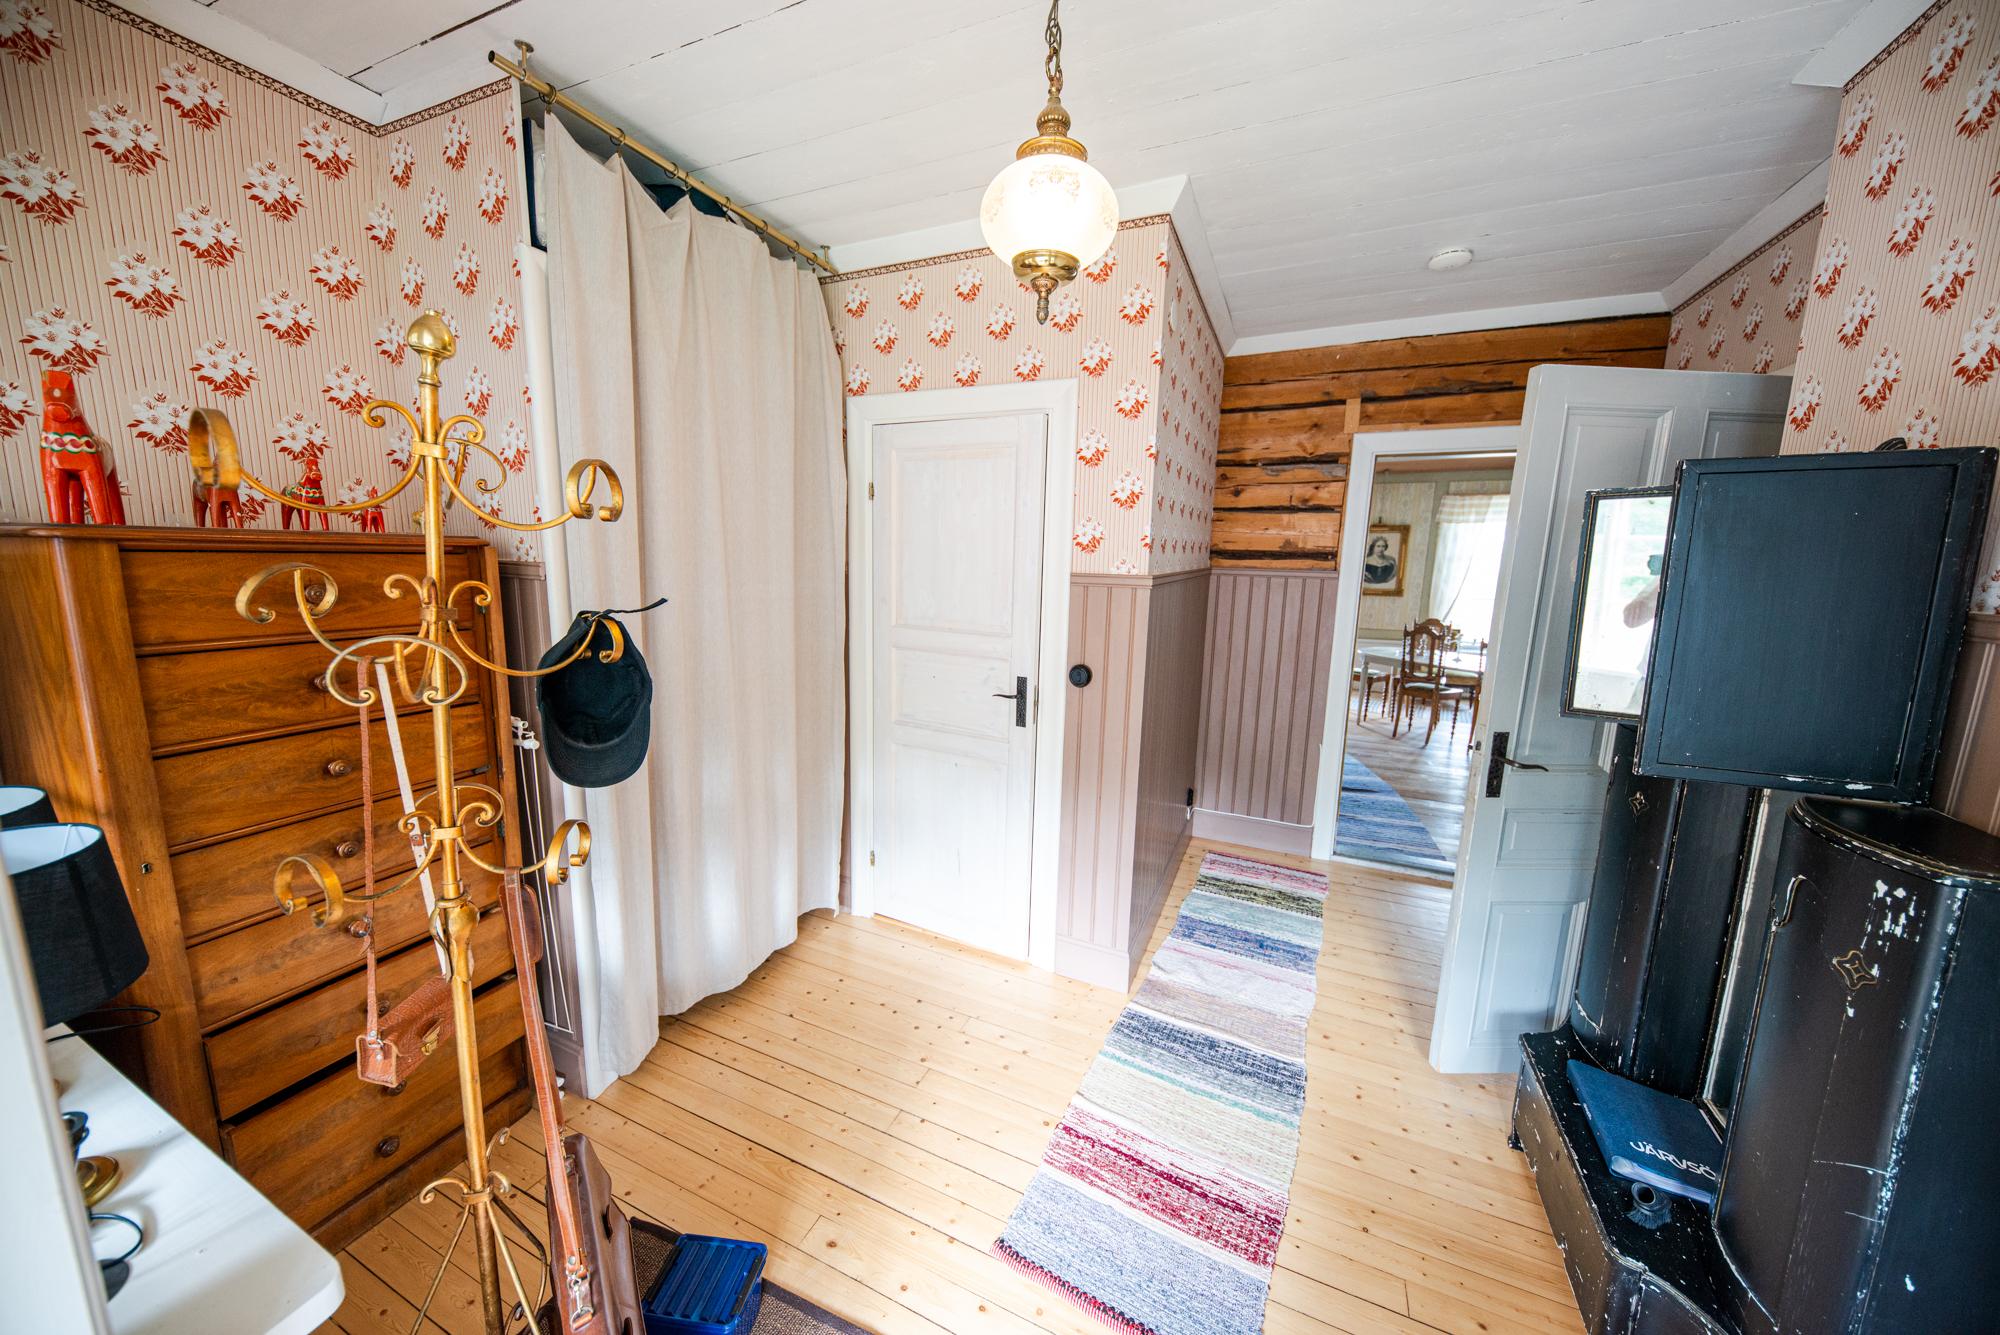 Lôkes 3, Hallen i Herrskapet Sveds boning.